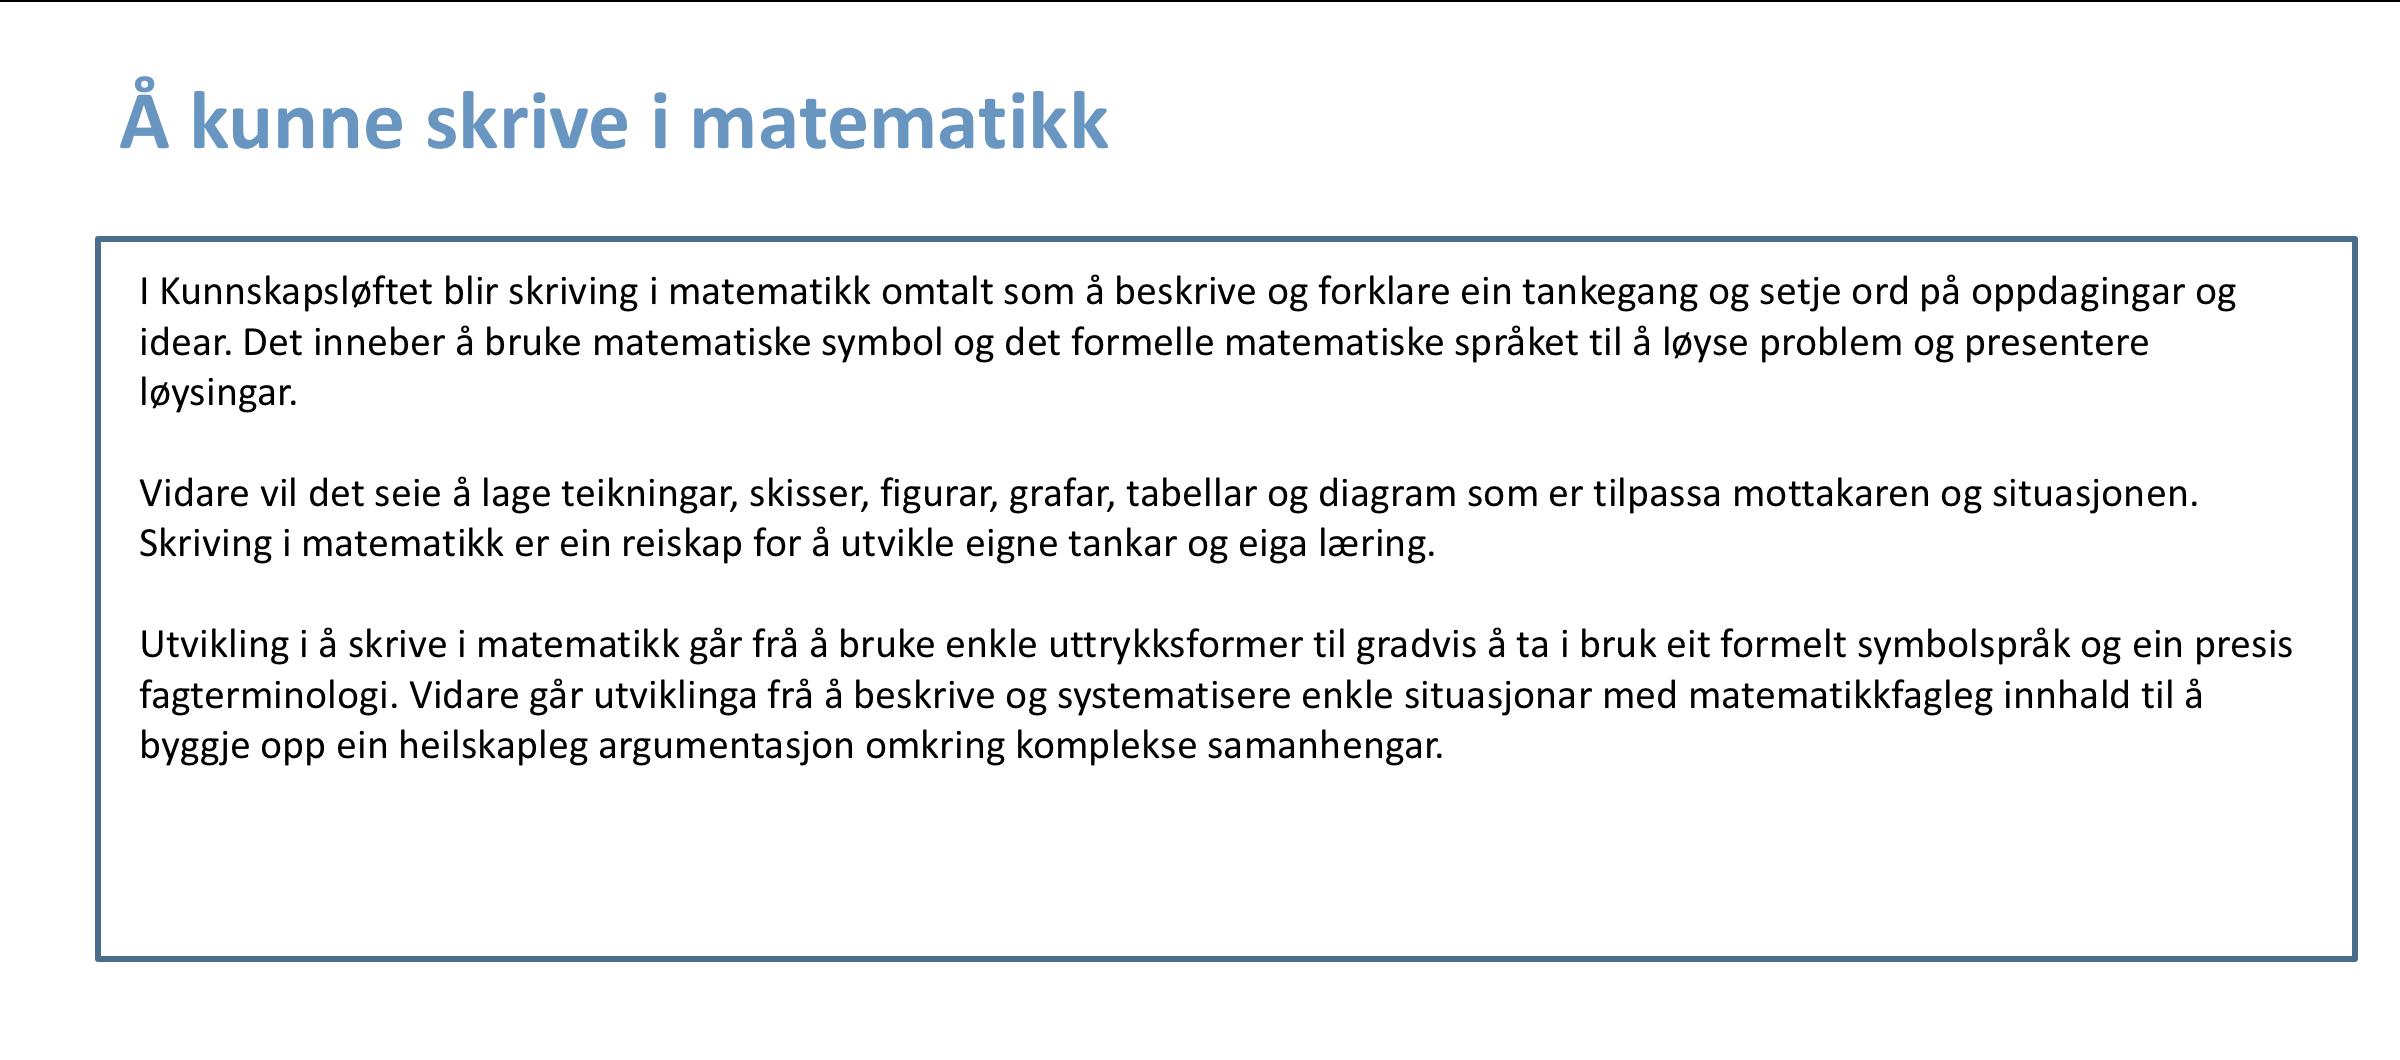 Å kunne skrive i matematikk